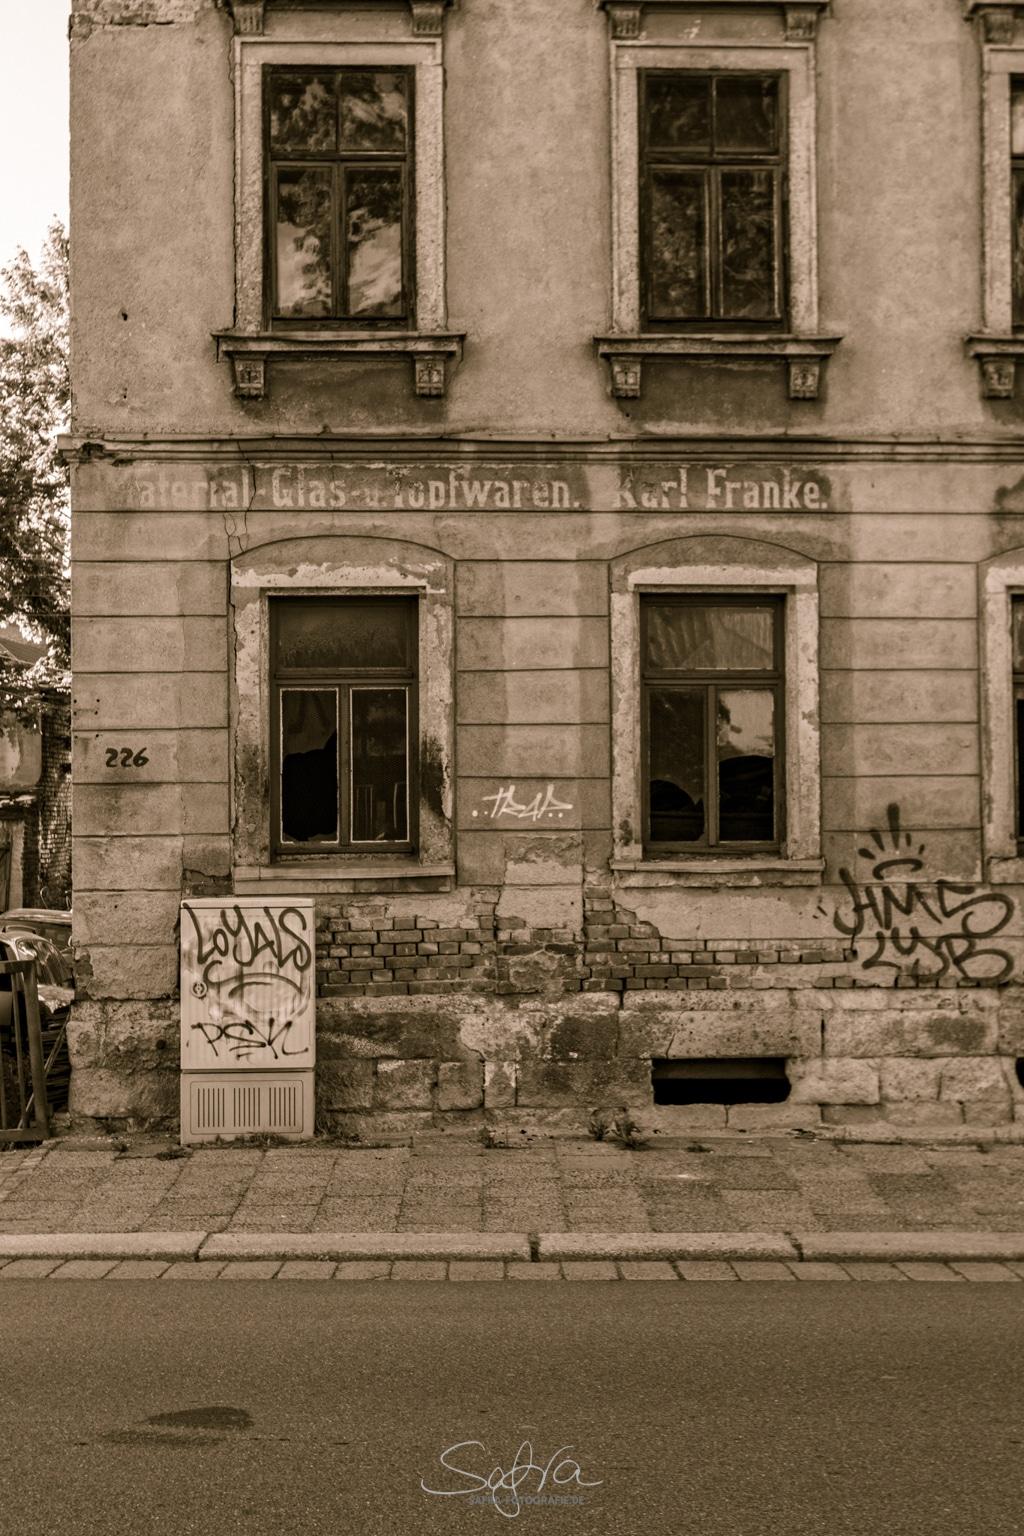 Chemnitz, Karl Franke